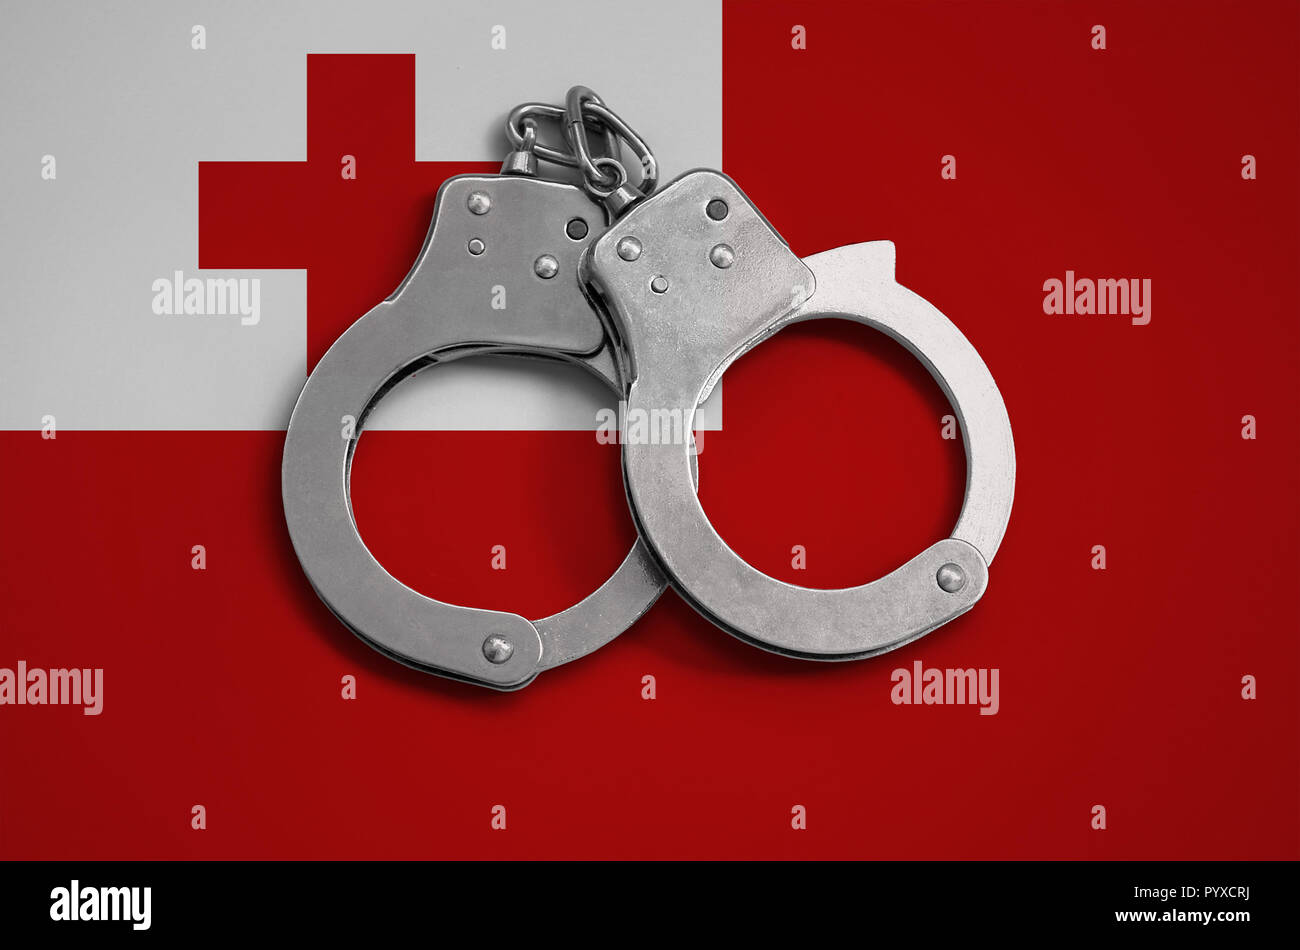 Tonga bandera y esposas policiales. El concepto de la observancia de la ley en el país y la protección de la delincuencia. Foto de stock